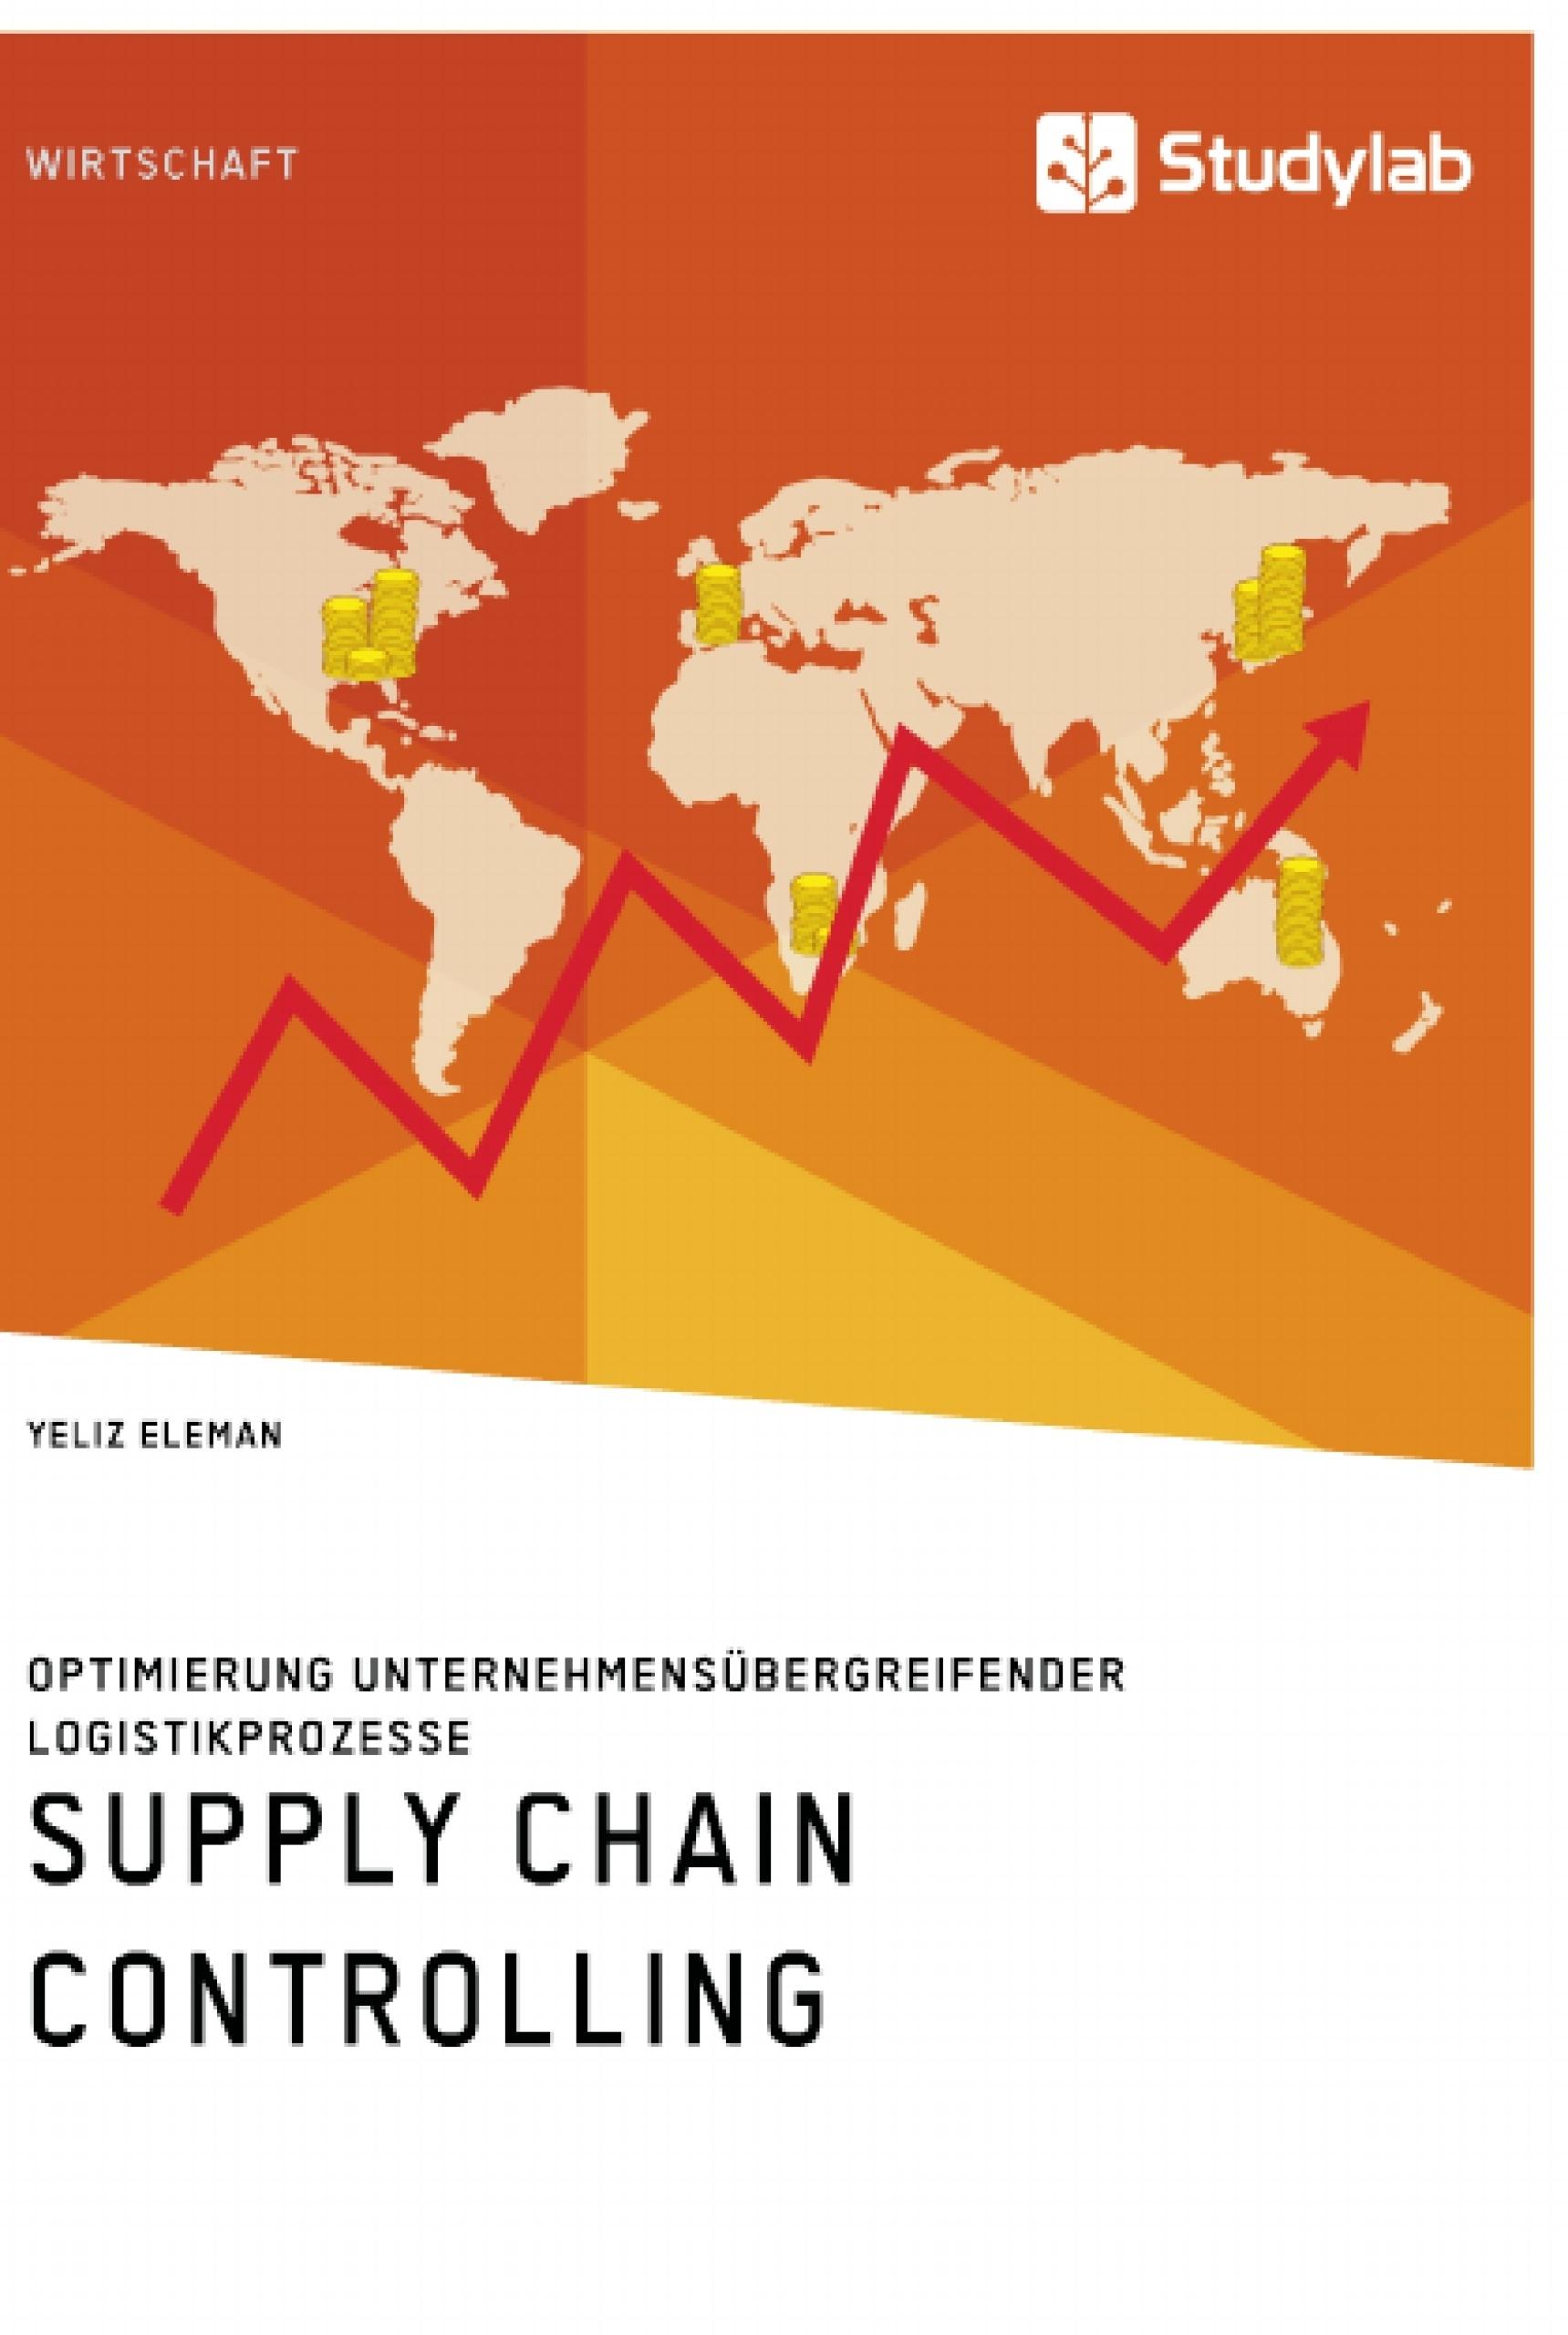 Titel: Supply Chain Controlling. Optimierung unternehmensübergreifender Logistikprozesse